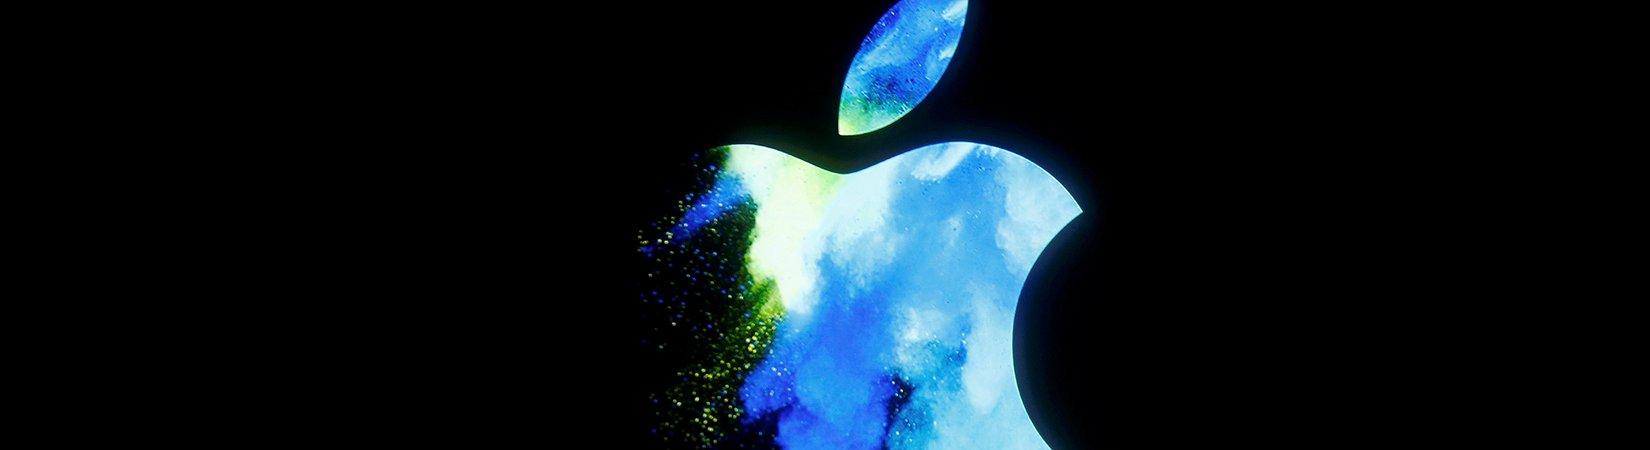 ¿Podemos esperar un caída importante en las acciones de Apple?